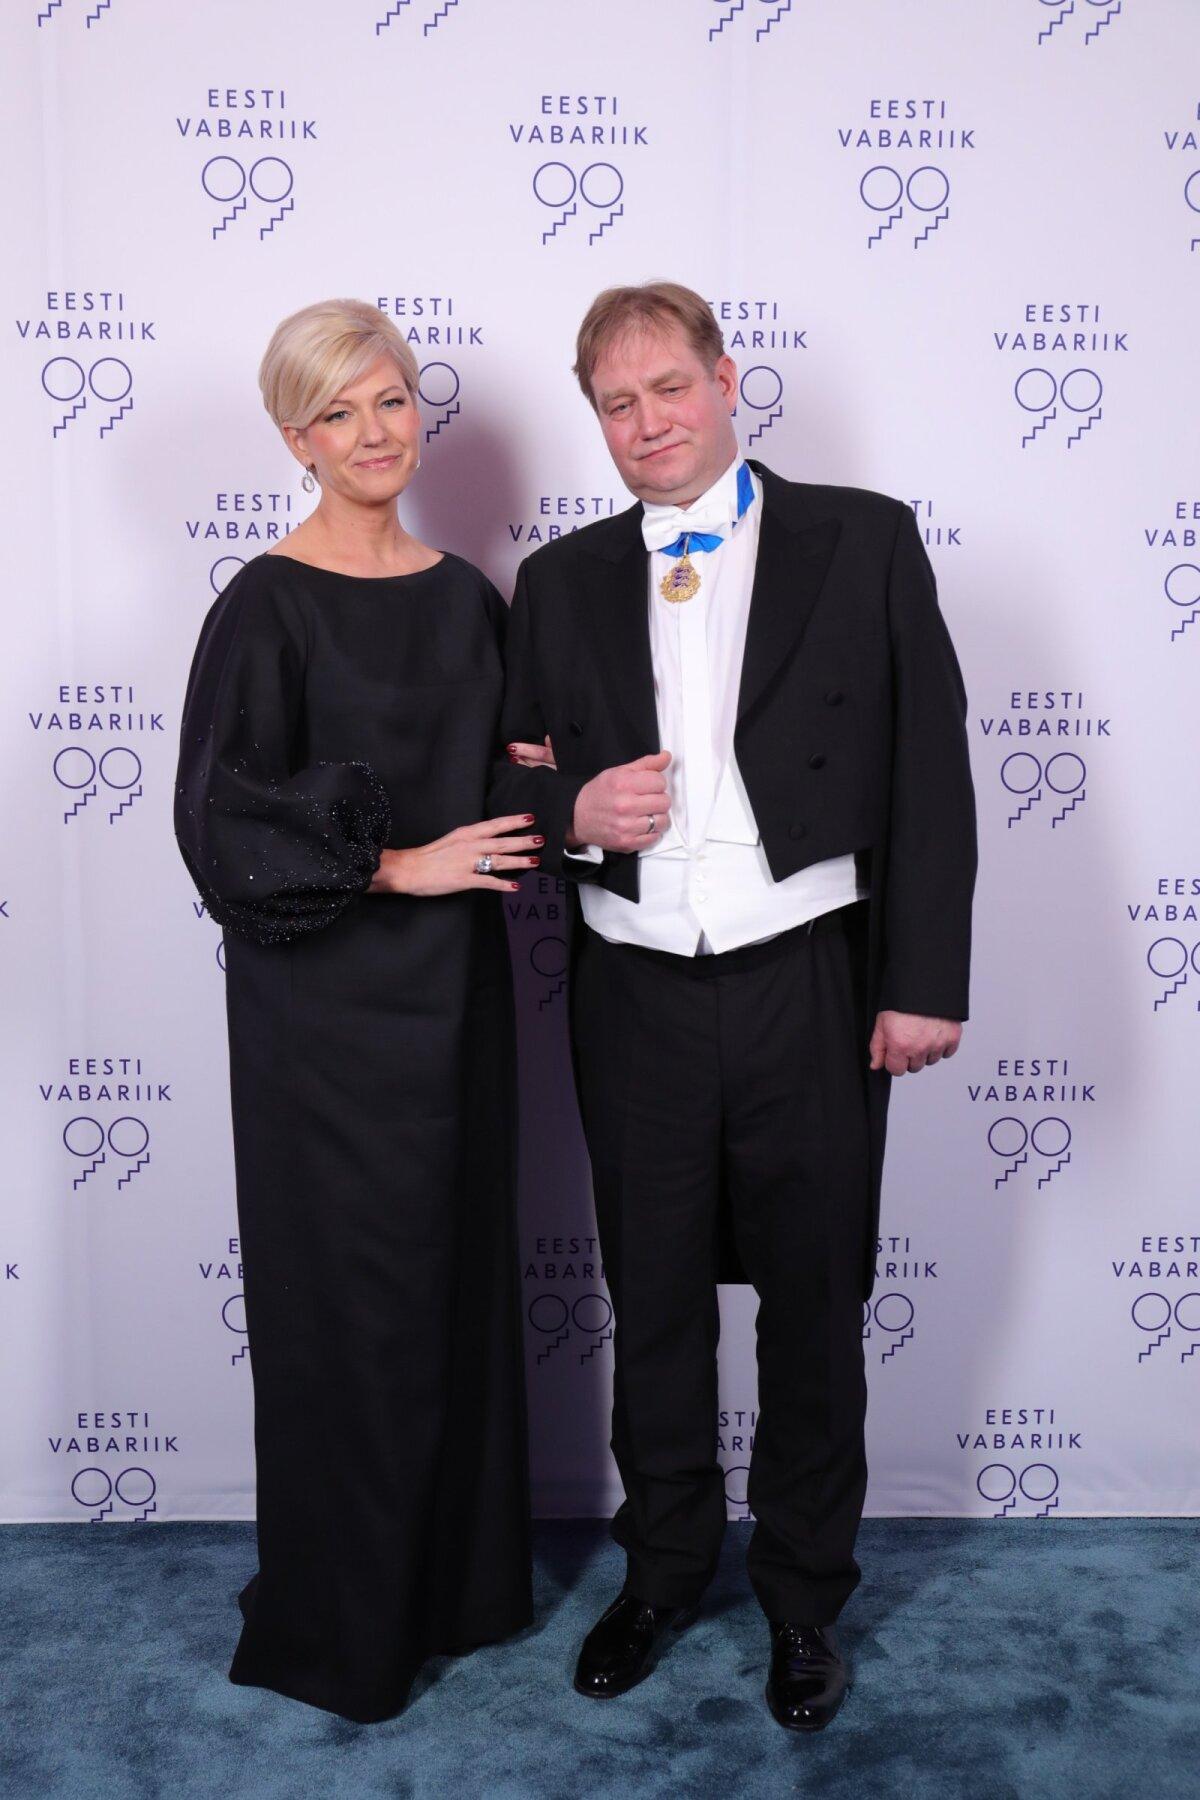 Платье Кристель Вольтенберг антрацитово-серого цвета, созданное Похьянхеймо, - хороший пример практичности. Если платье укоротить, его можно носить на различных мероприятиях